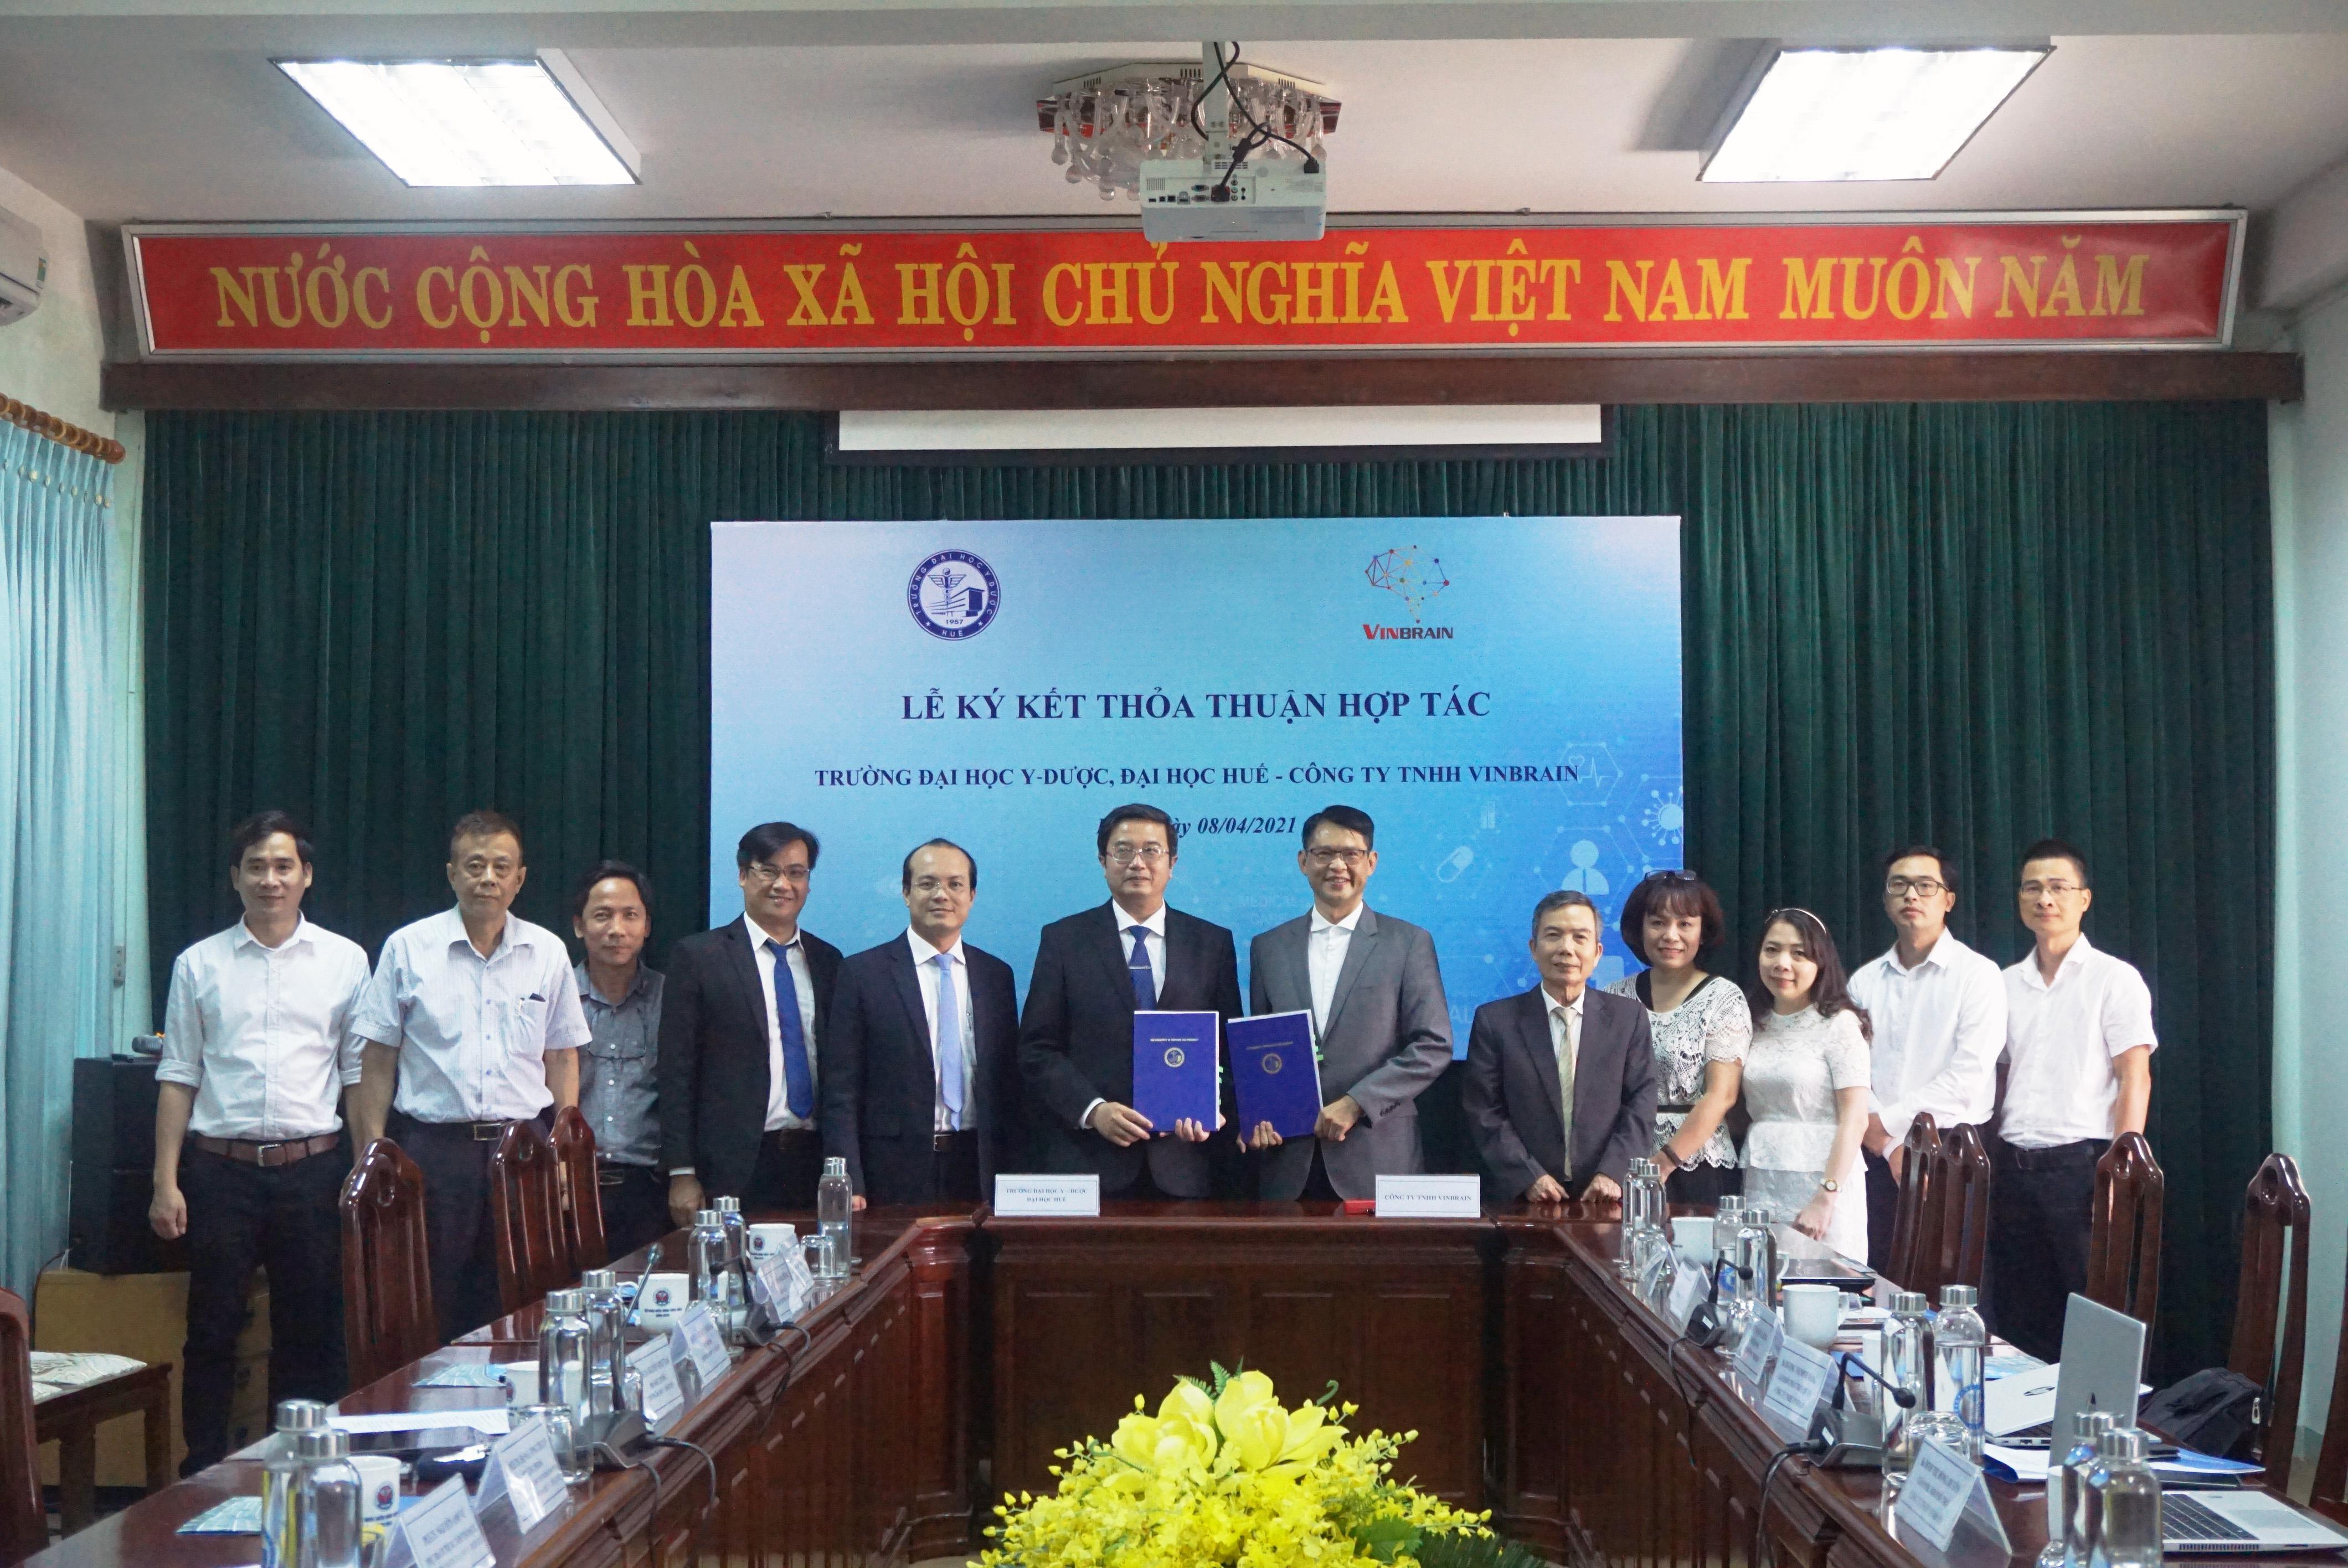 Ký kết thỏa thuận hợp tác với công ty VinBrain về ứng dụng trí tuệ nhân tạo trong khám chữa bệnh.